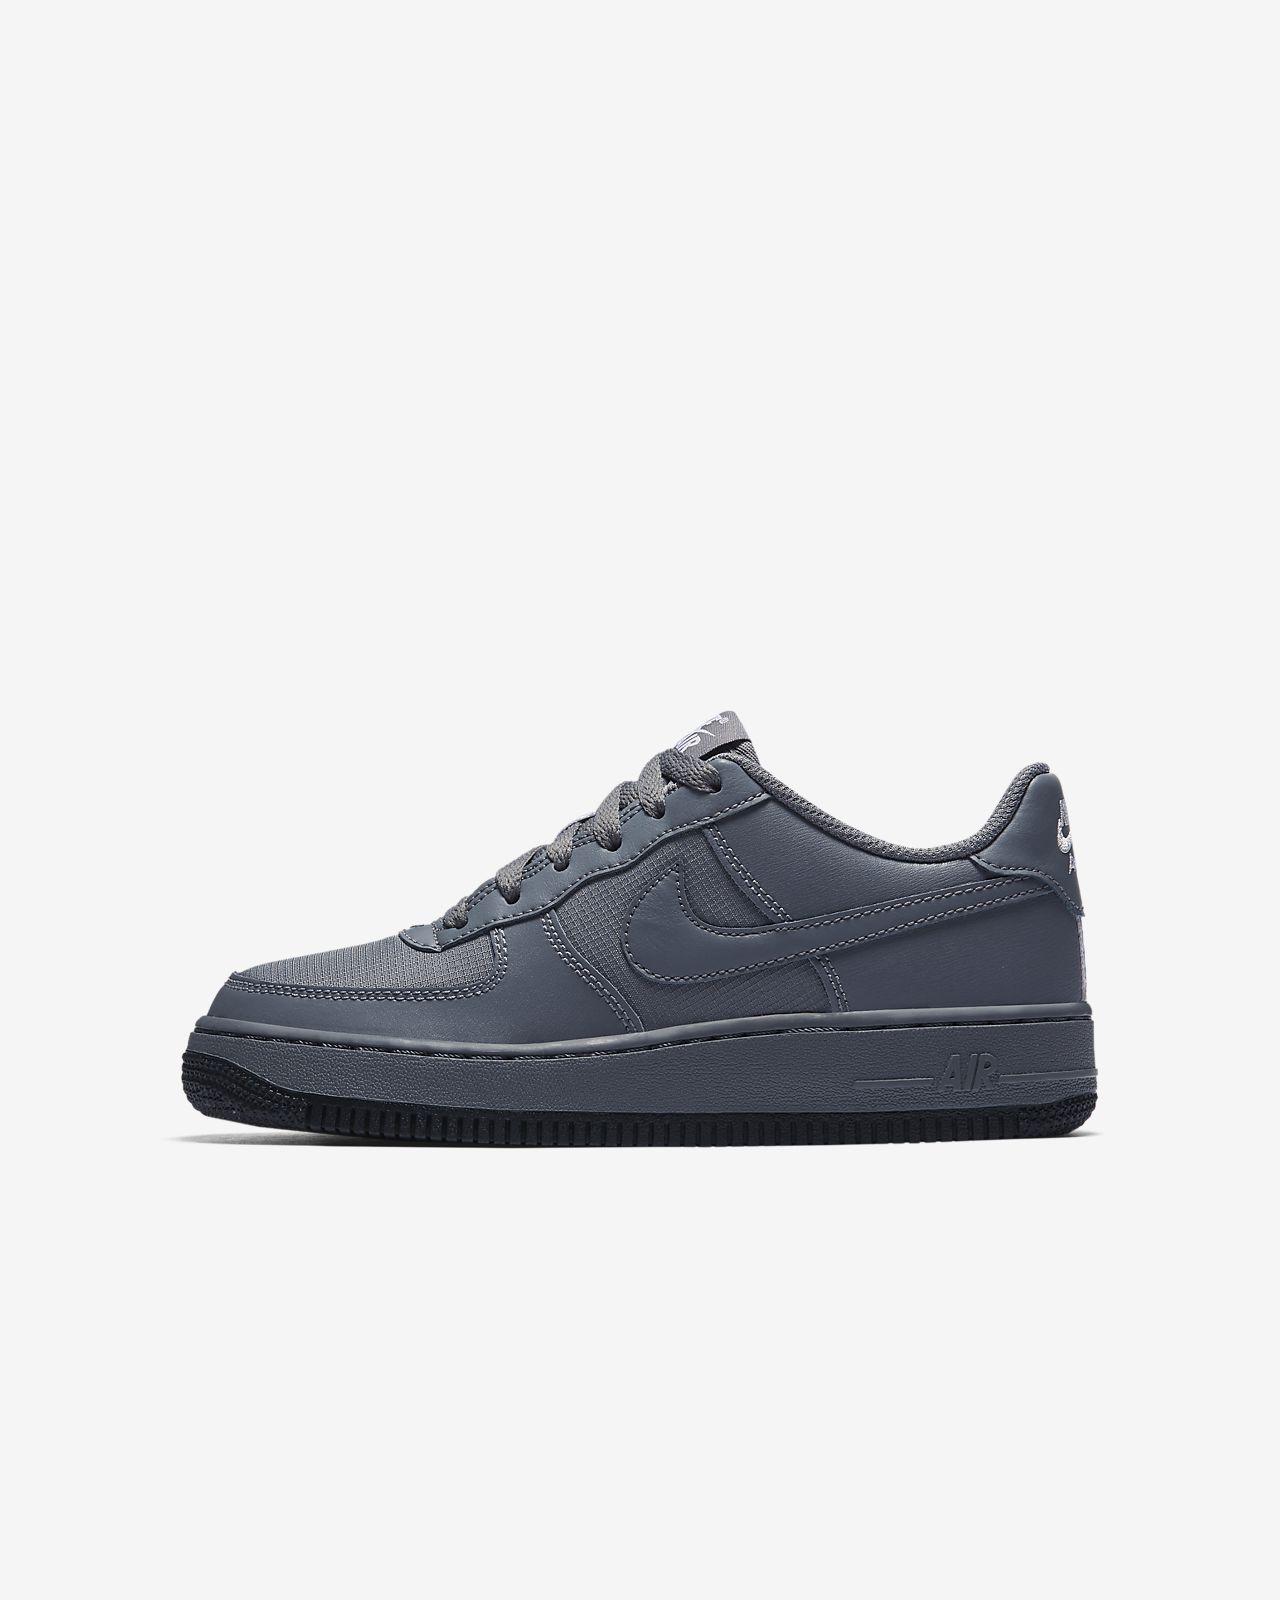 Nike Air Force 1 LV8 Older Kids' LU